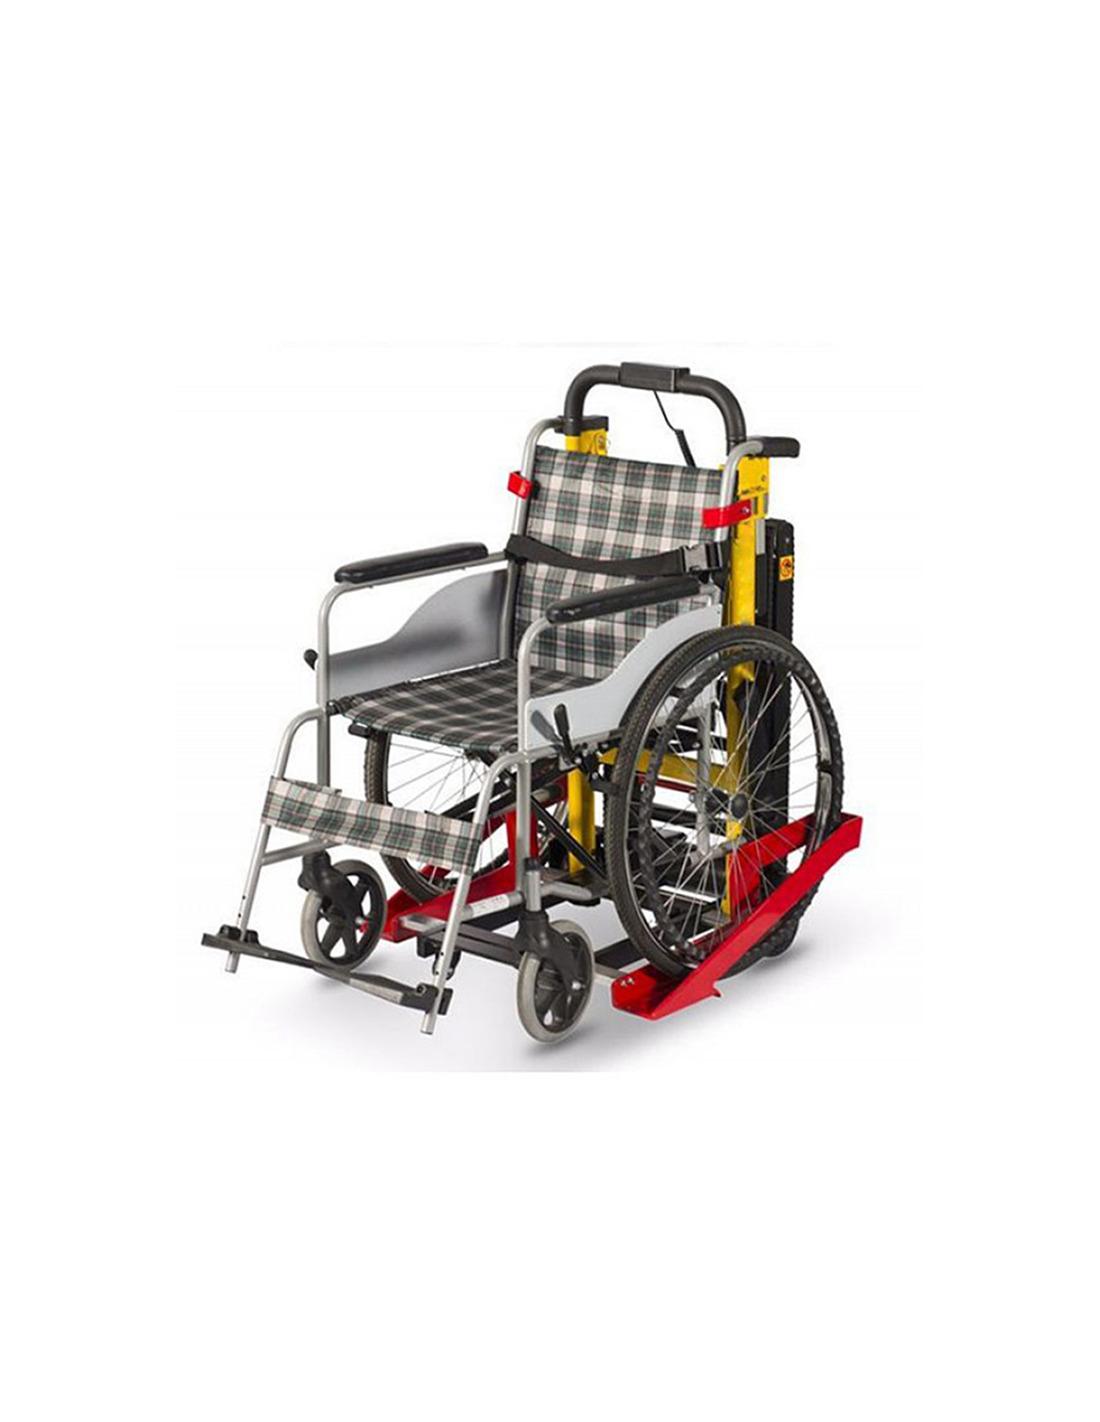 Sillas para subir sillas de ruedas por la escaleras